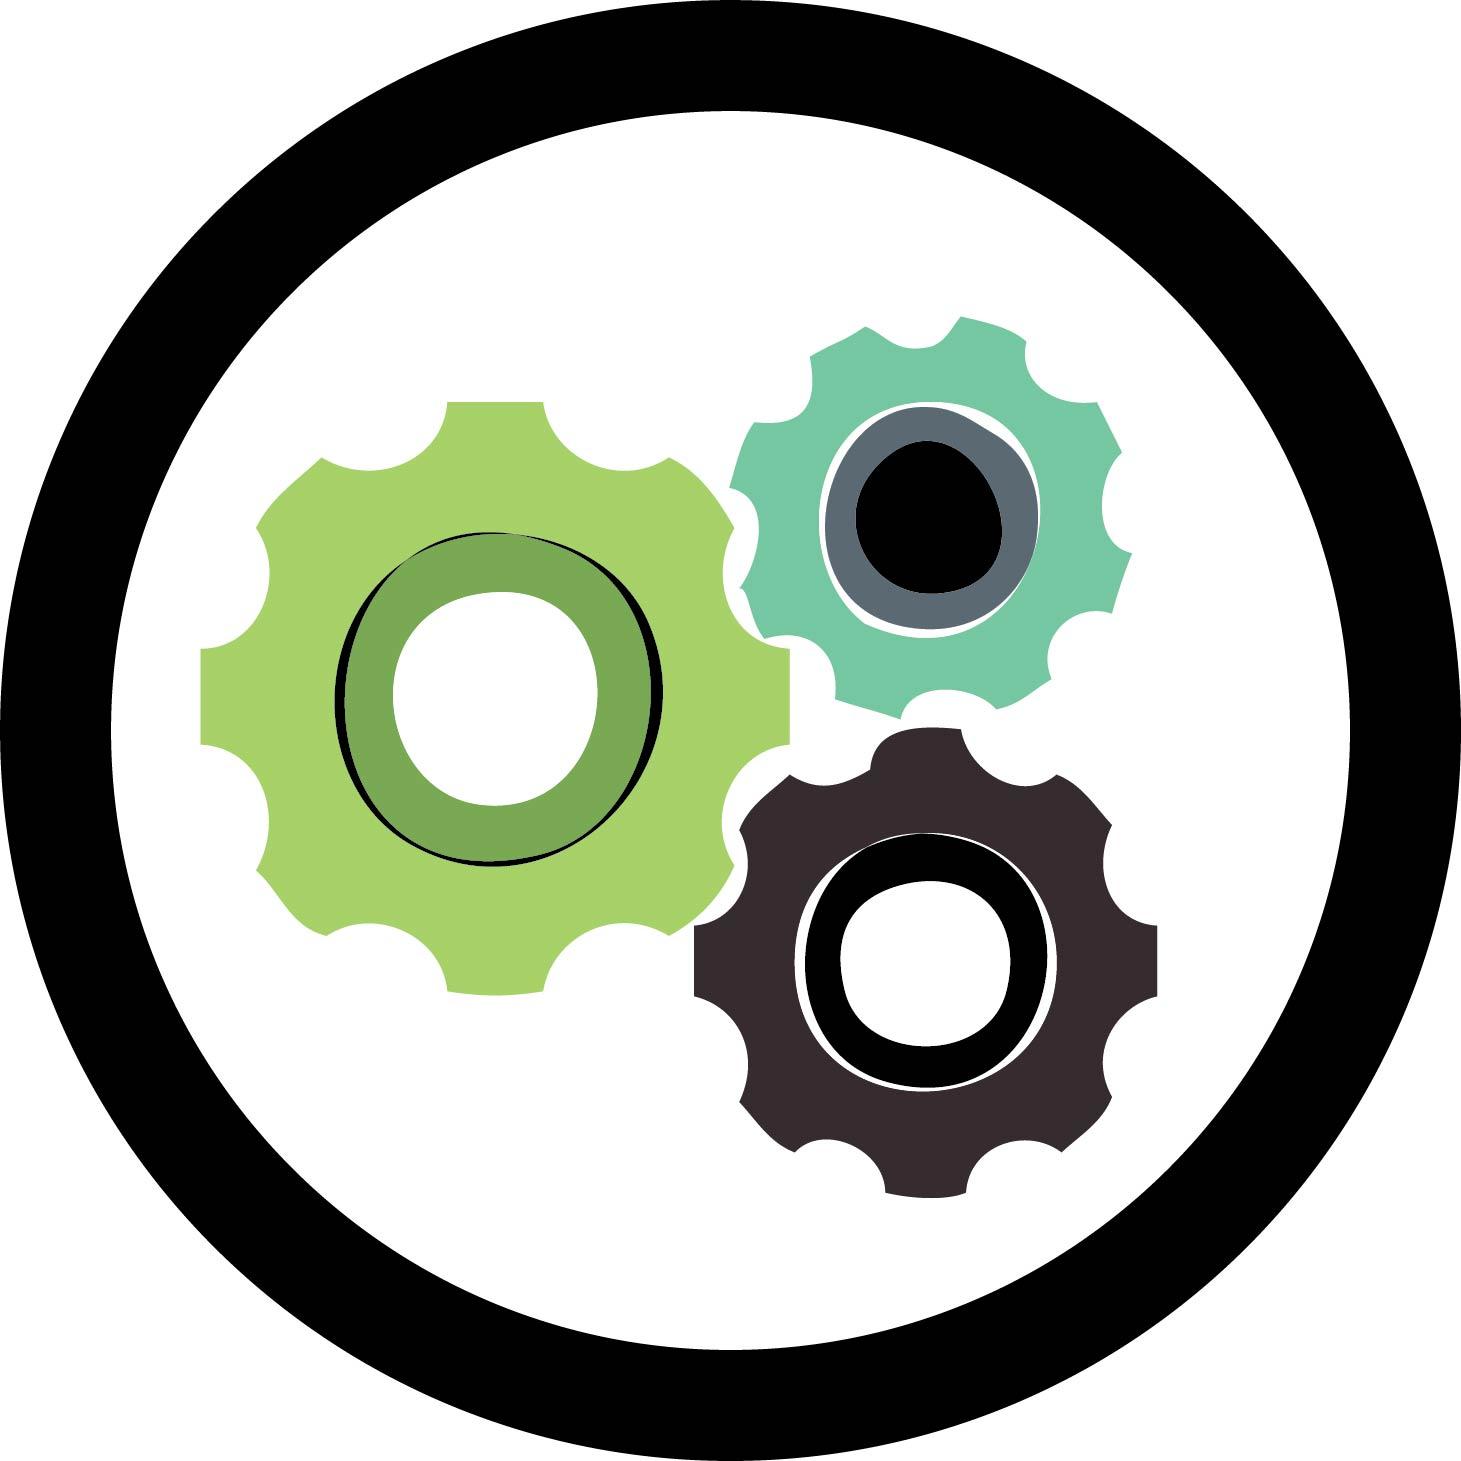 ArchitectureDesign.jpg